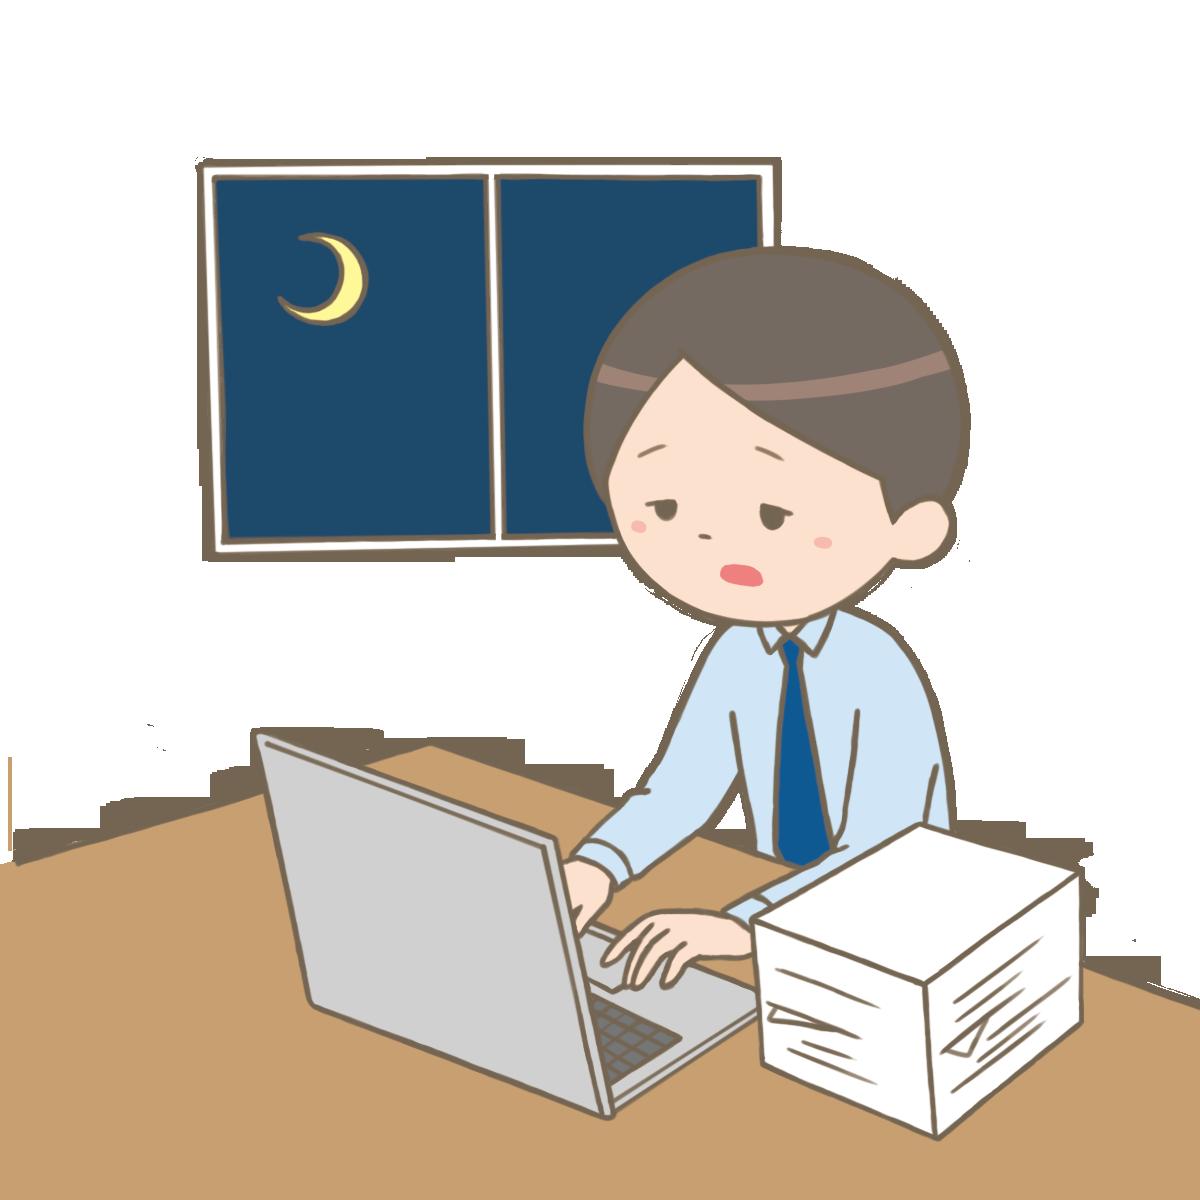 遅くまで仕事をし疲れている男性のイラストフリー素材看護roo